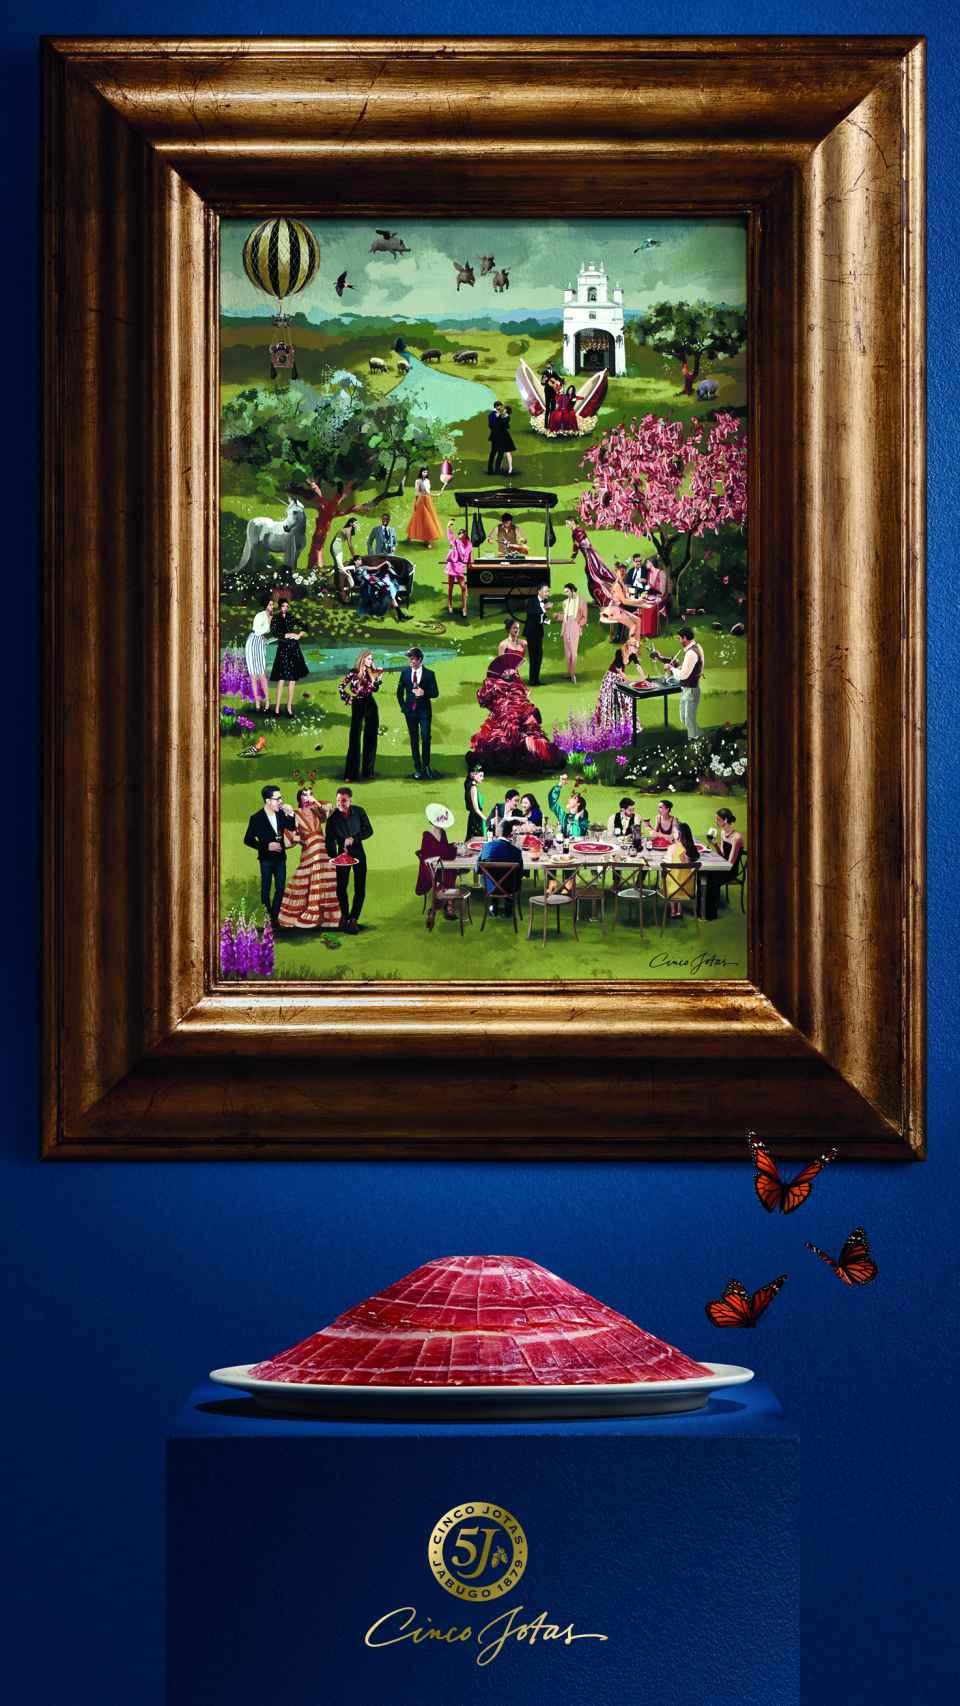 El jardín del Edén Cinco Jotas, obra de Tito Merello